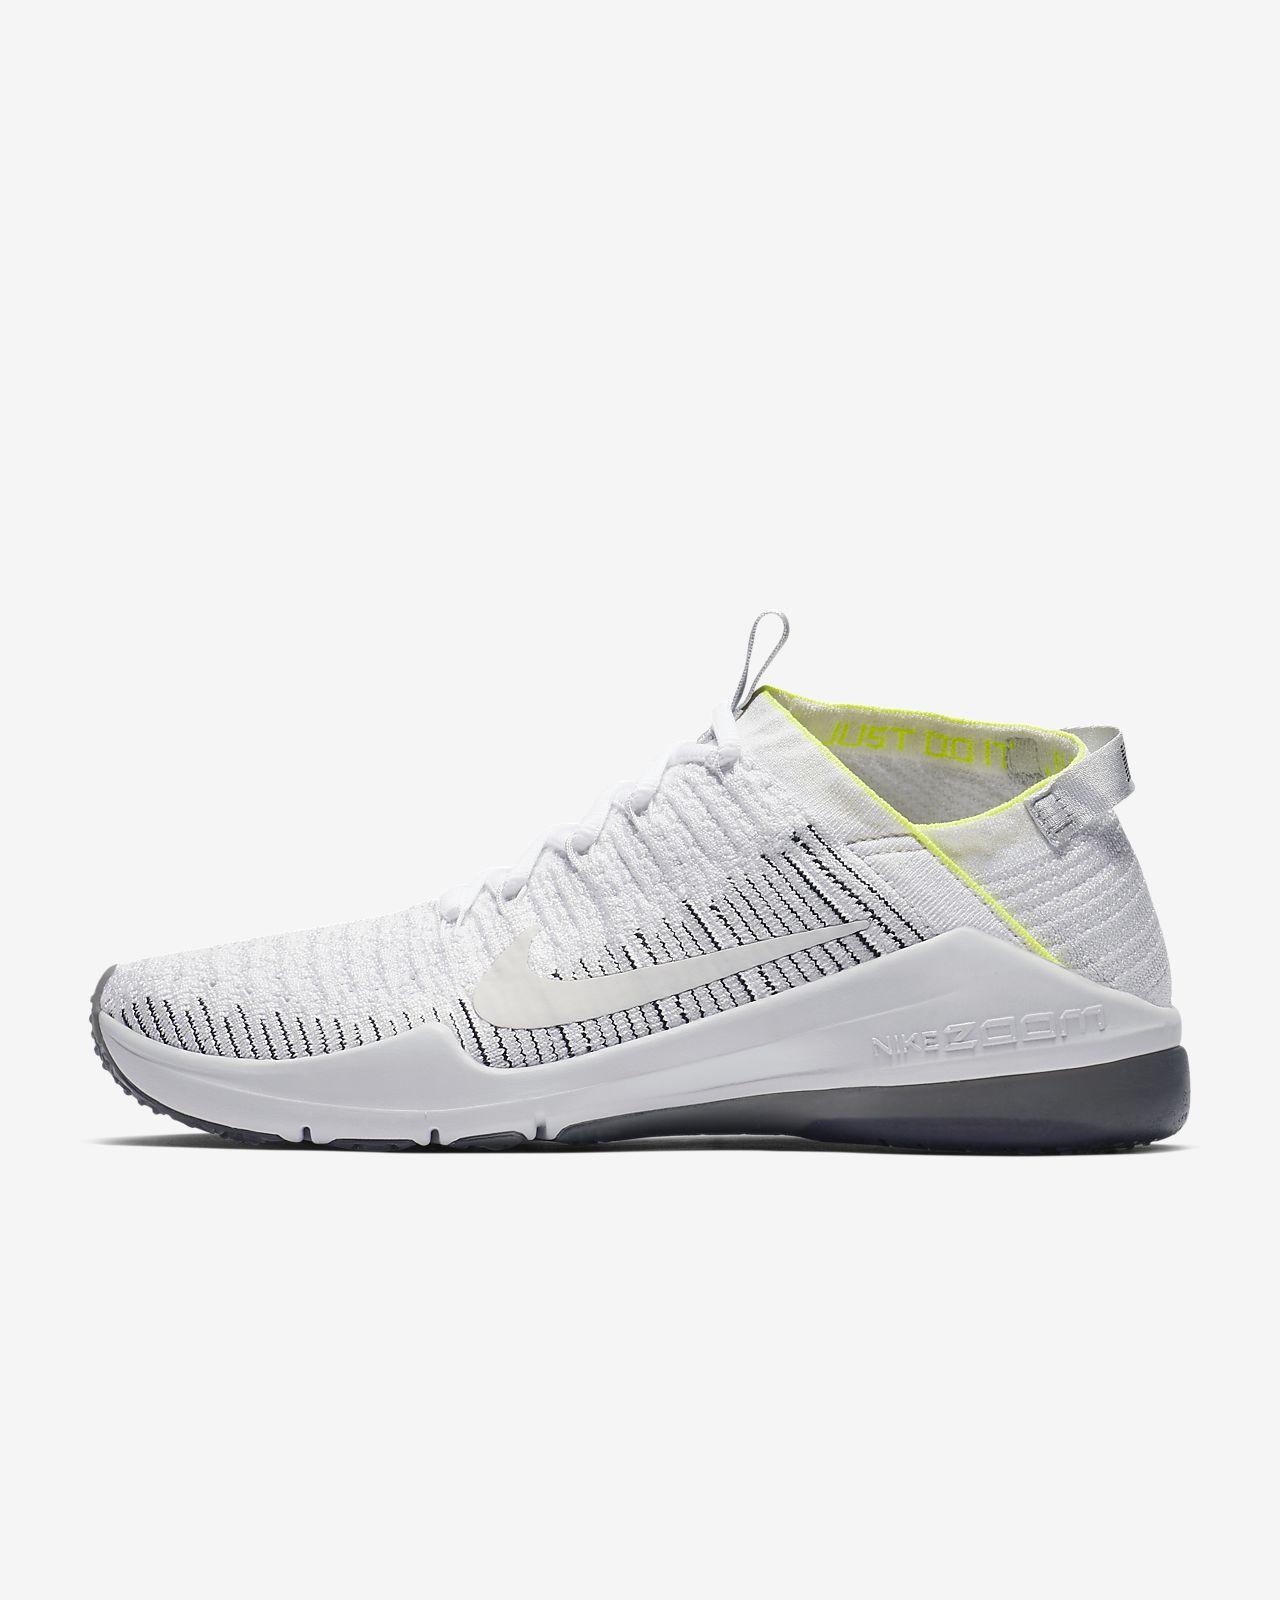 hot sale online a47b0 84a33 ... Nike Air Zoom Fearless Flyknit 2 Zapatillas de entrenamiento, boxeo y  para el gimnasio -